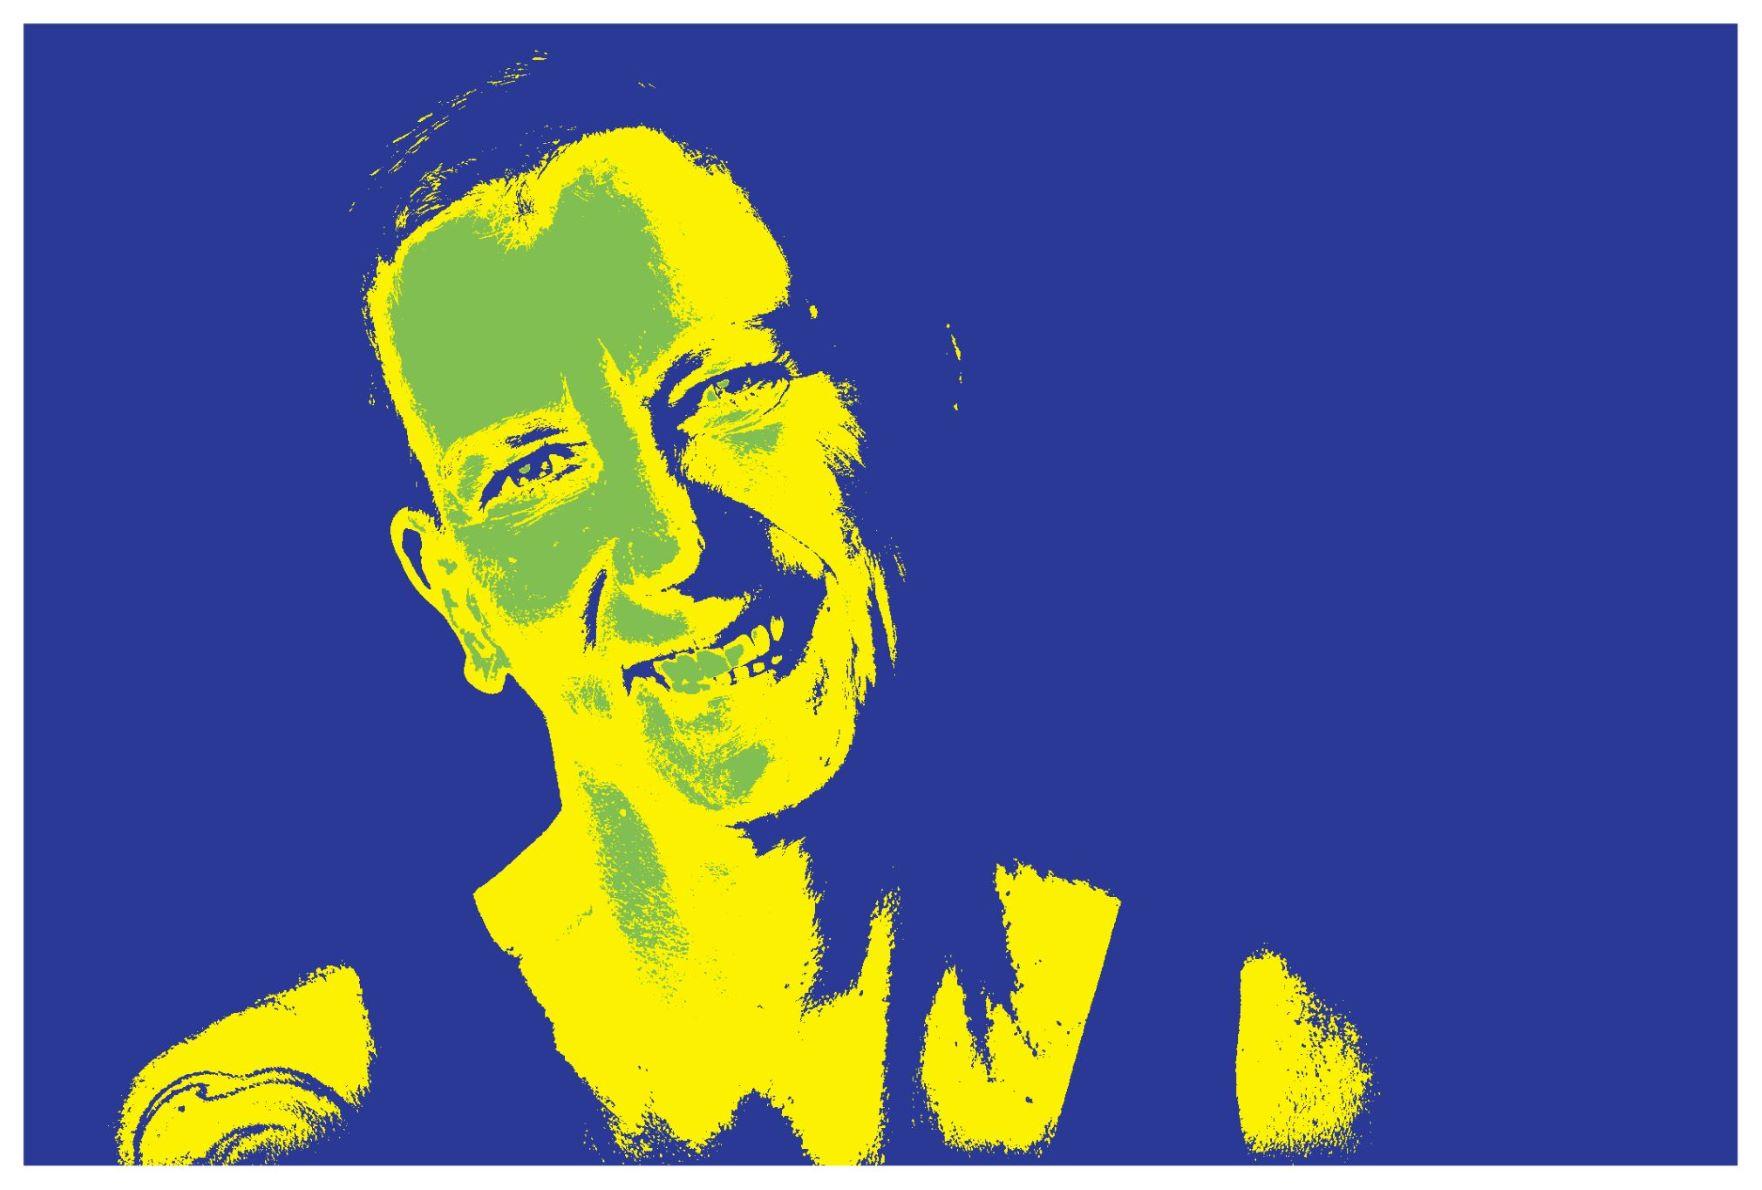 Ein Porträtbild von Sabine Scholze in Blau und Gelb - die Müdigkeit ist mir nicht anzusehen.